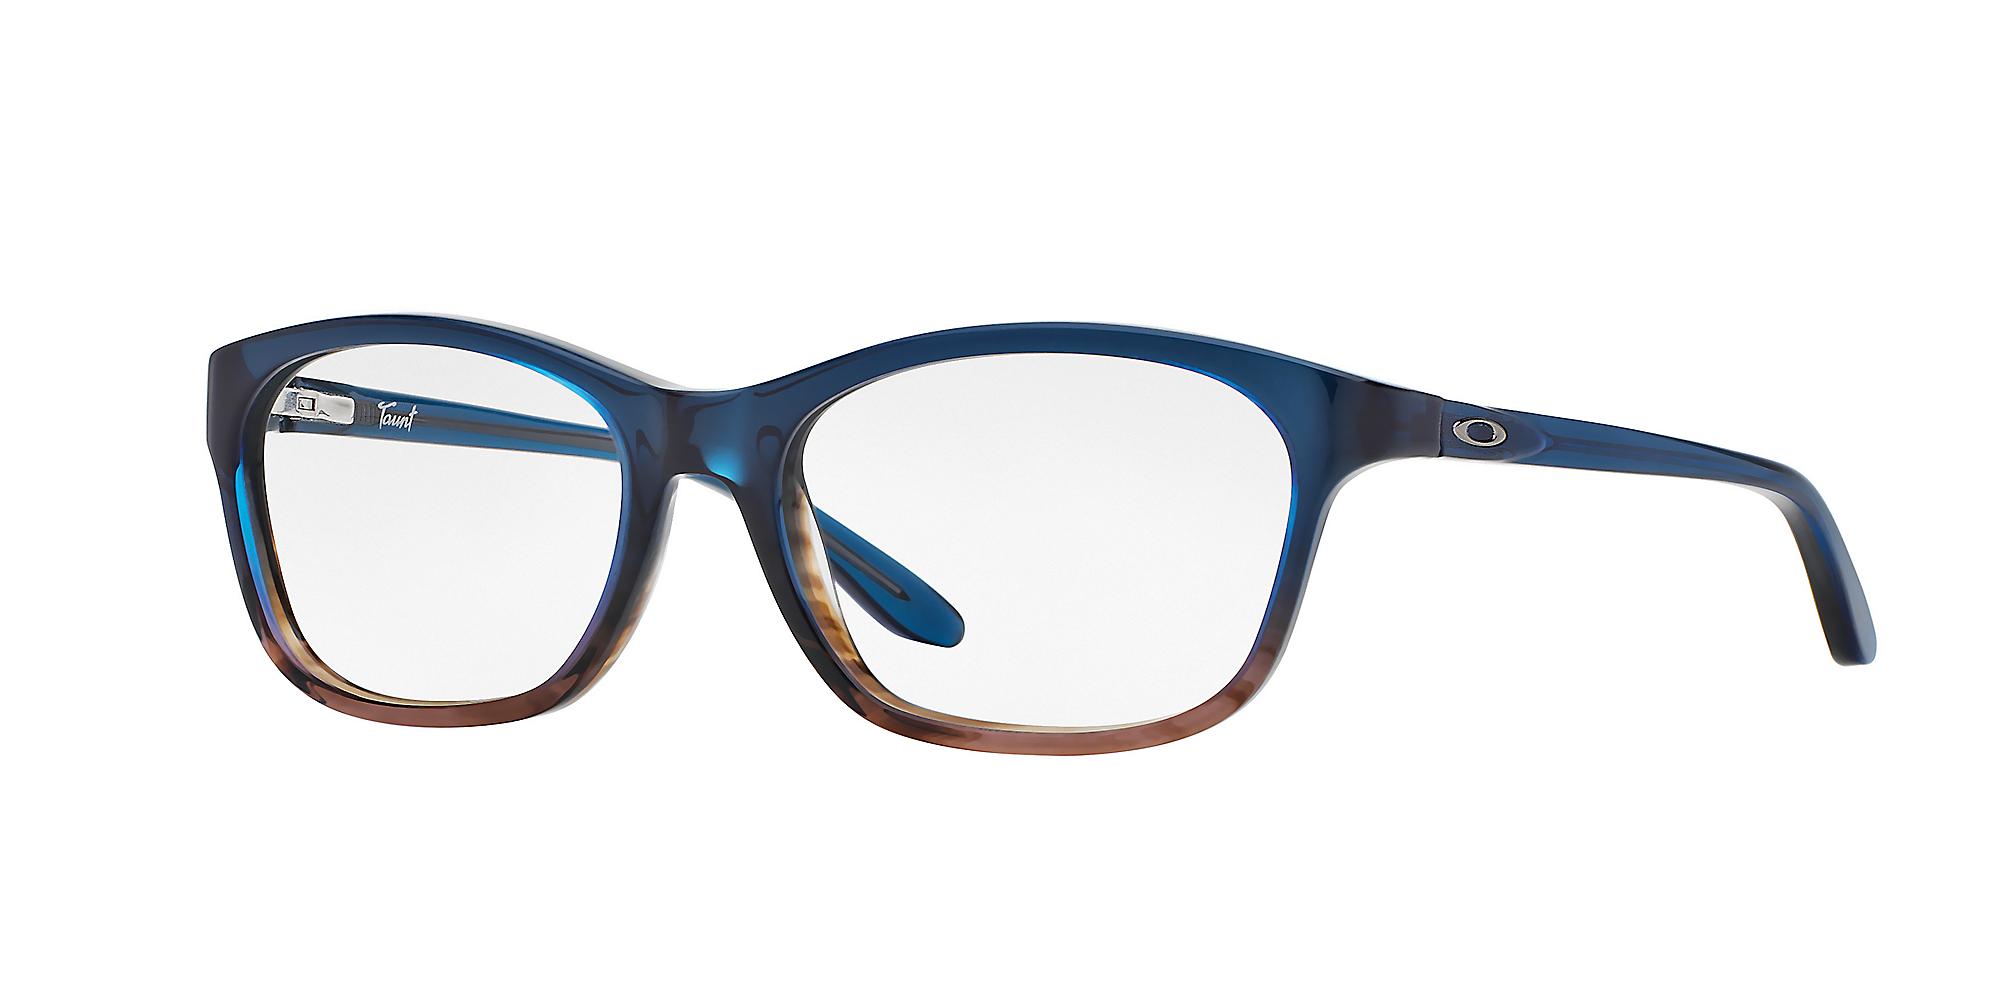 Oakley Womens Prescription Sunglasses